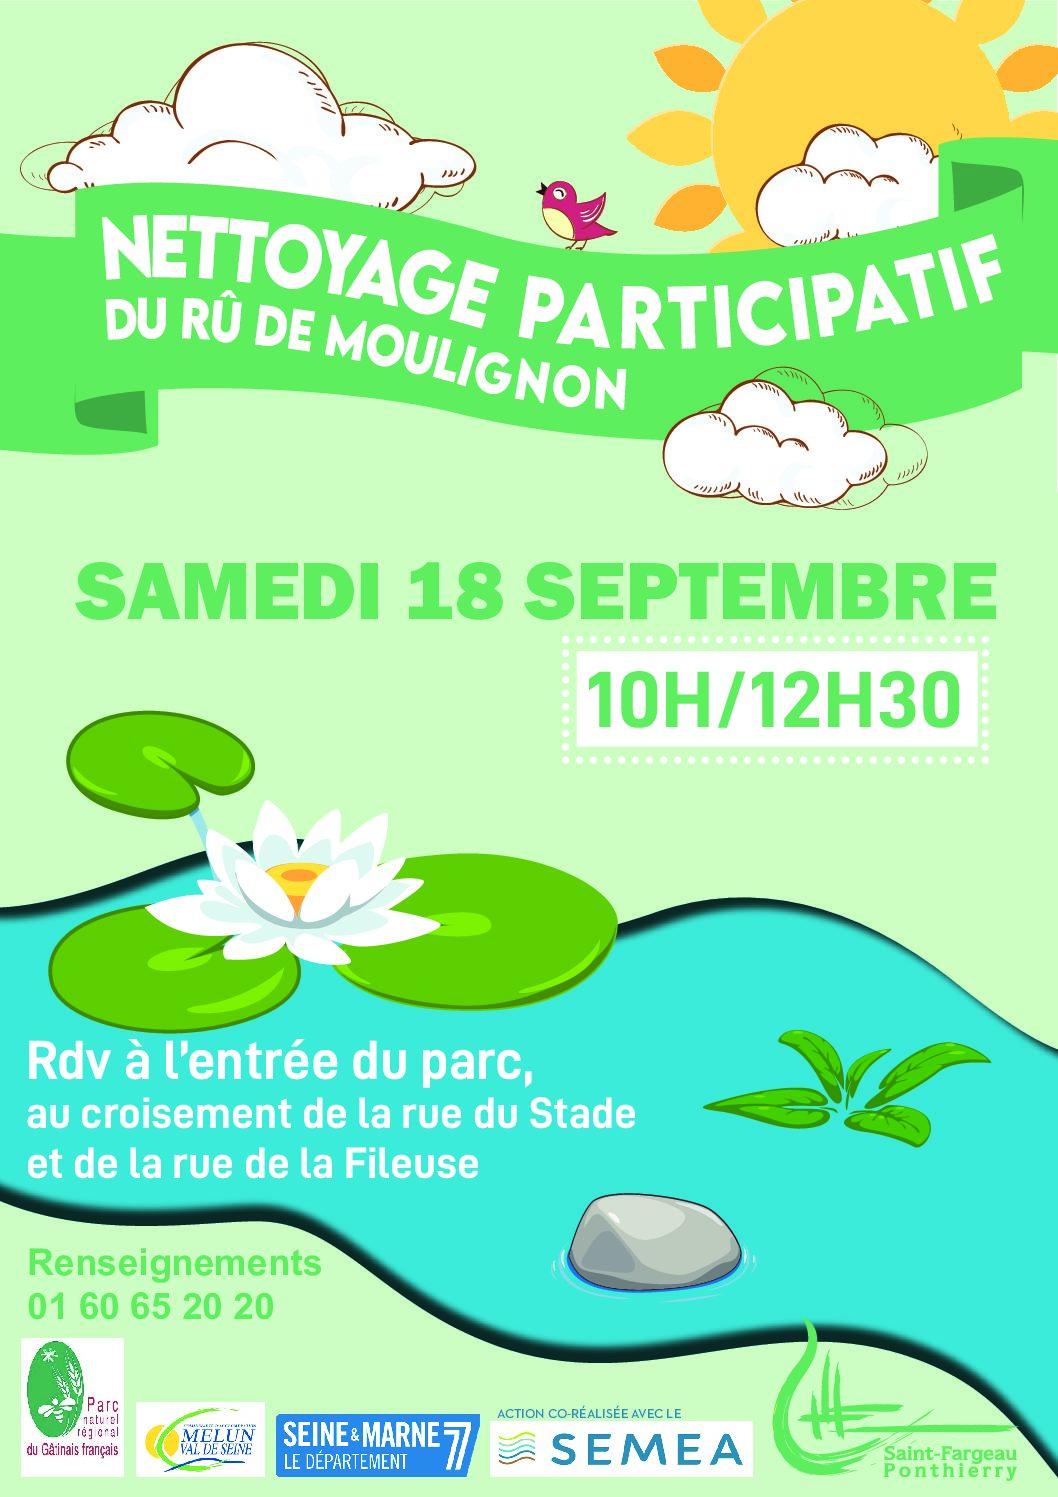 Nettoyage participatif du ru de Moulignon à Saint-Fargeau-Ponthierry